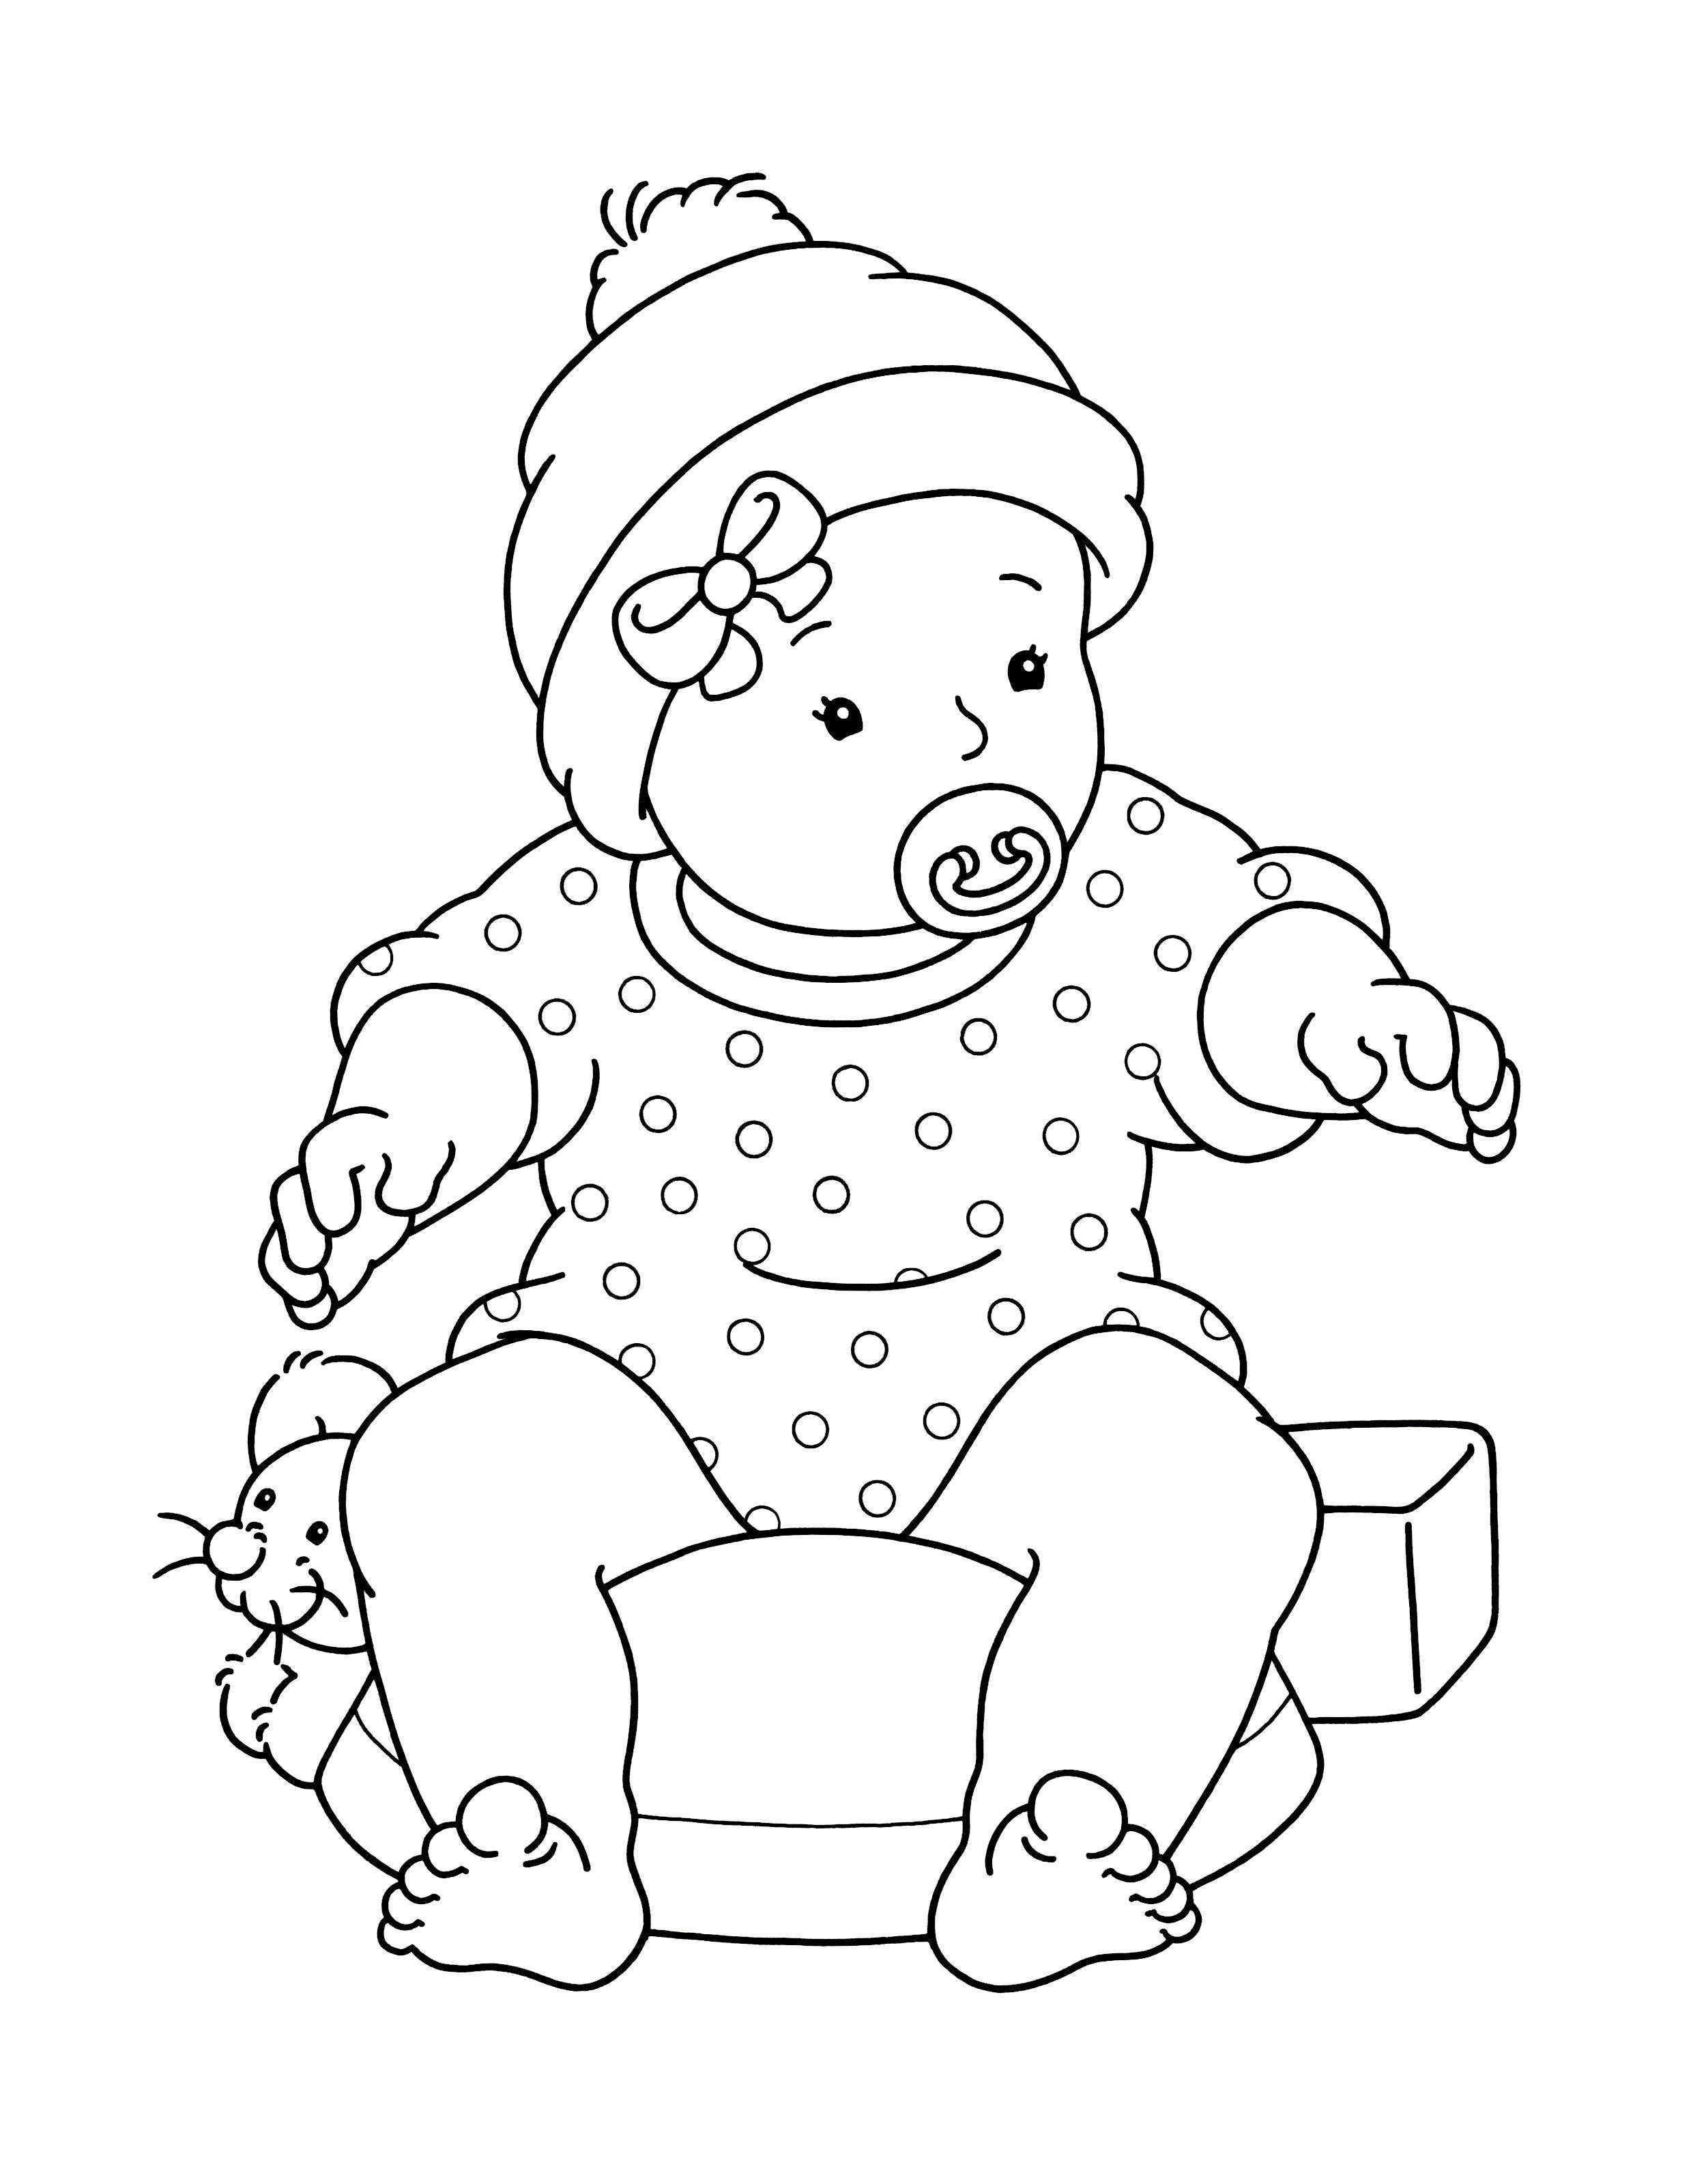 Kleurplaat Baby Kleurboek Kinderkleurplaten Dieren Kleurplaten